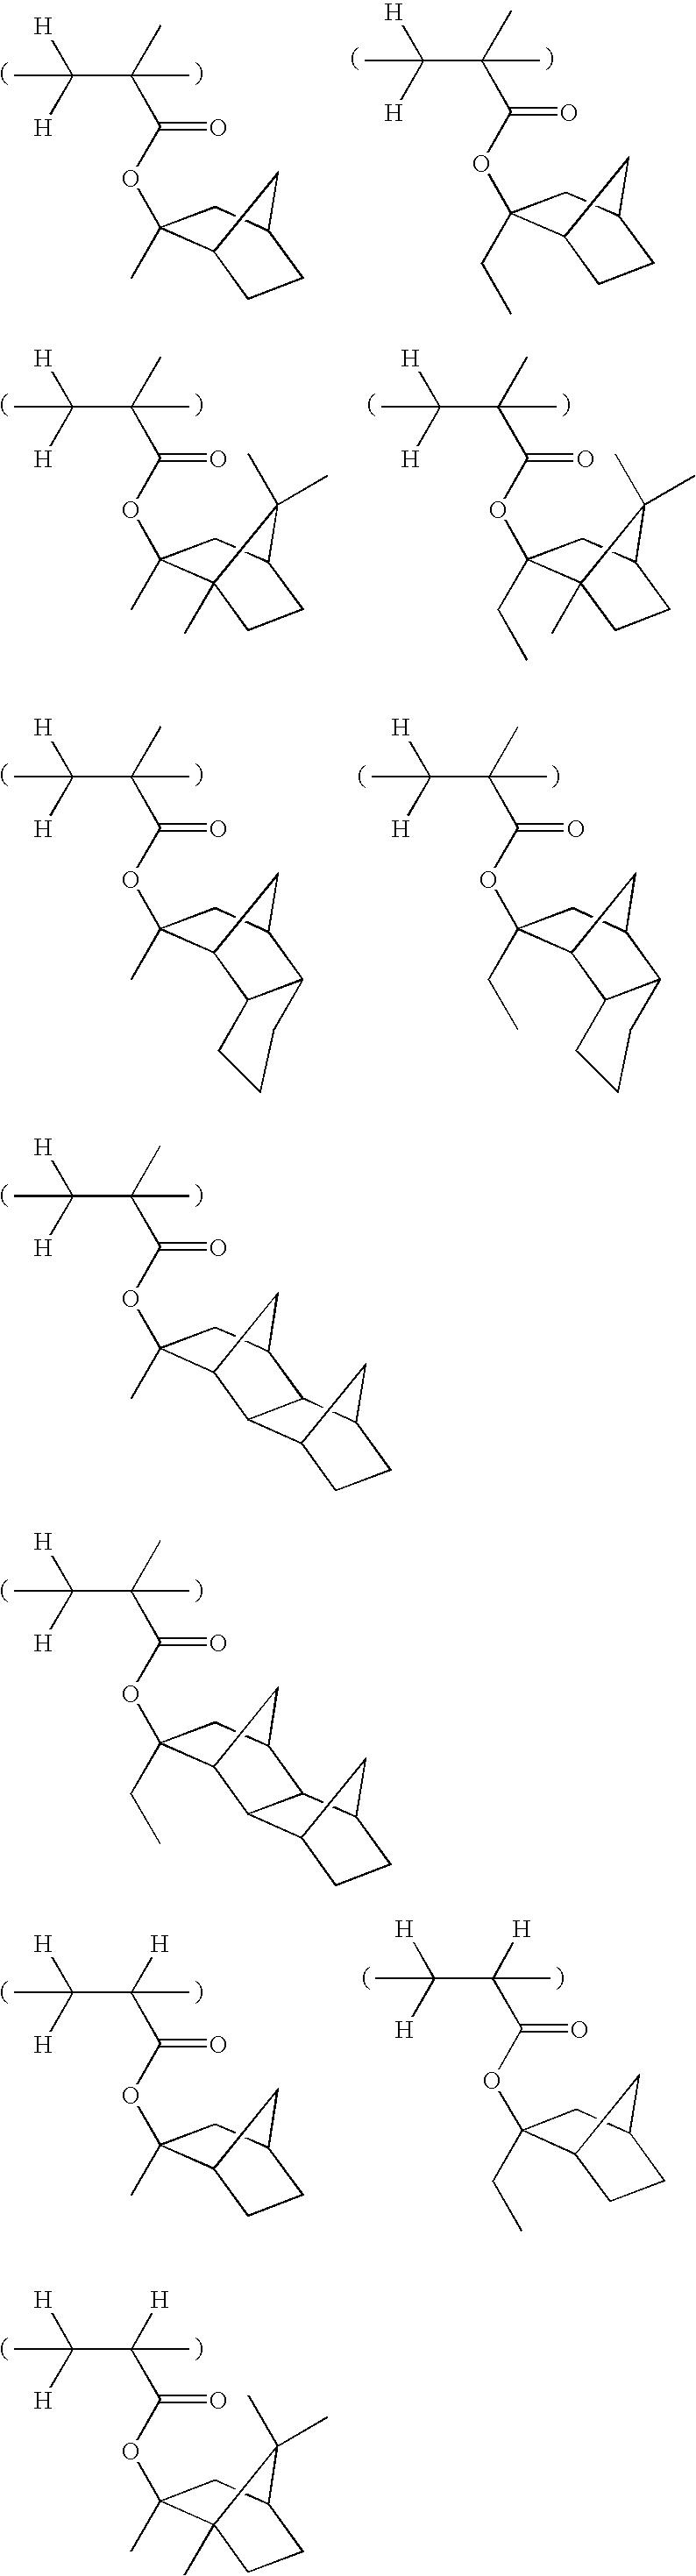 Figure US07537880-20090526-C00047